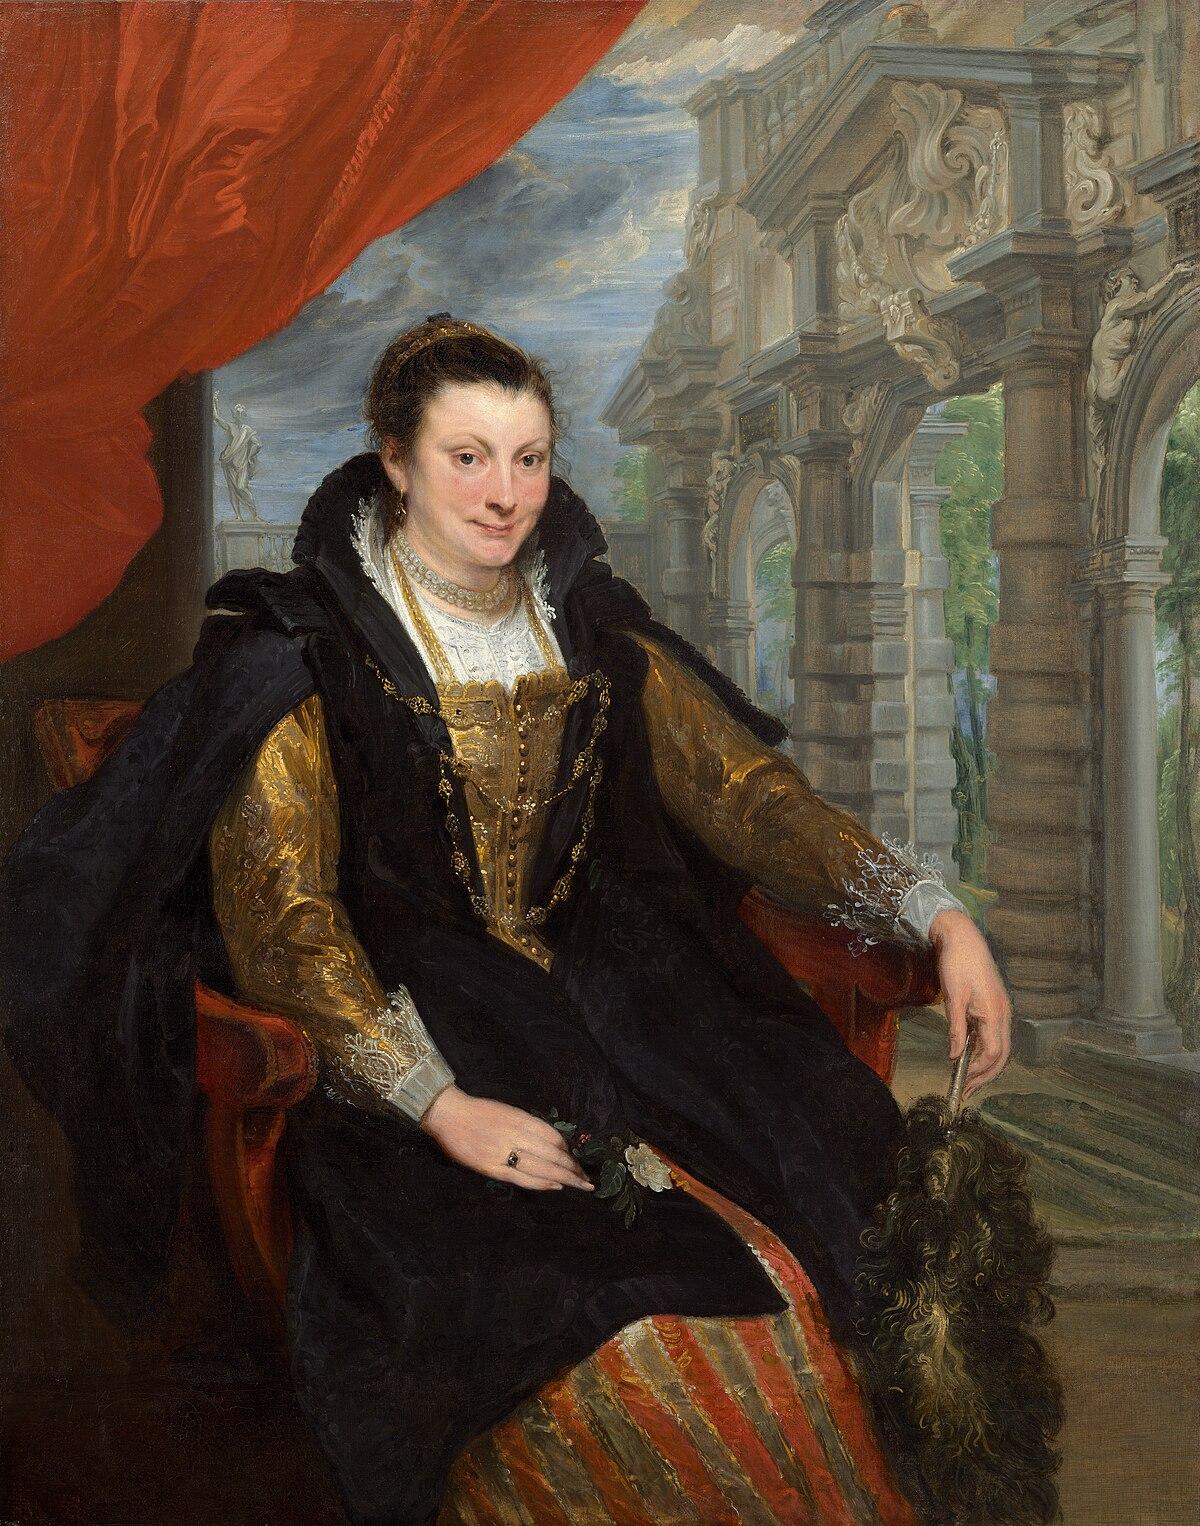 Retrato de isabella brant wikipedia la enciclopedia libre for Francesco marchesi